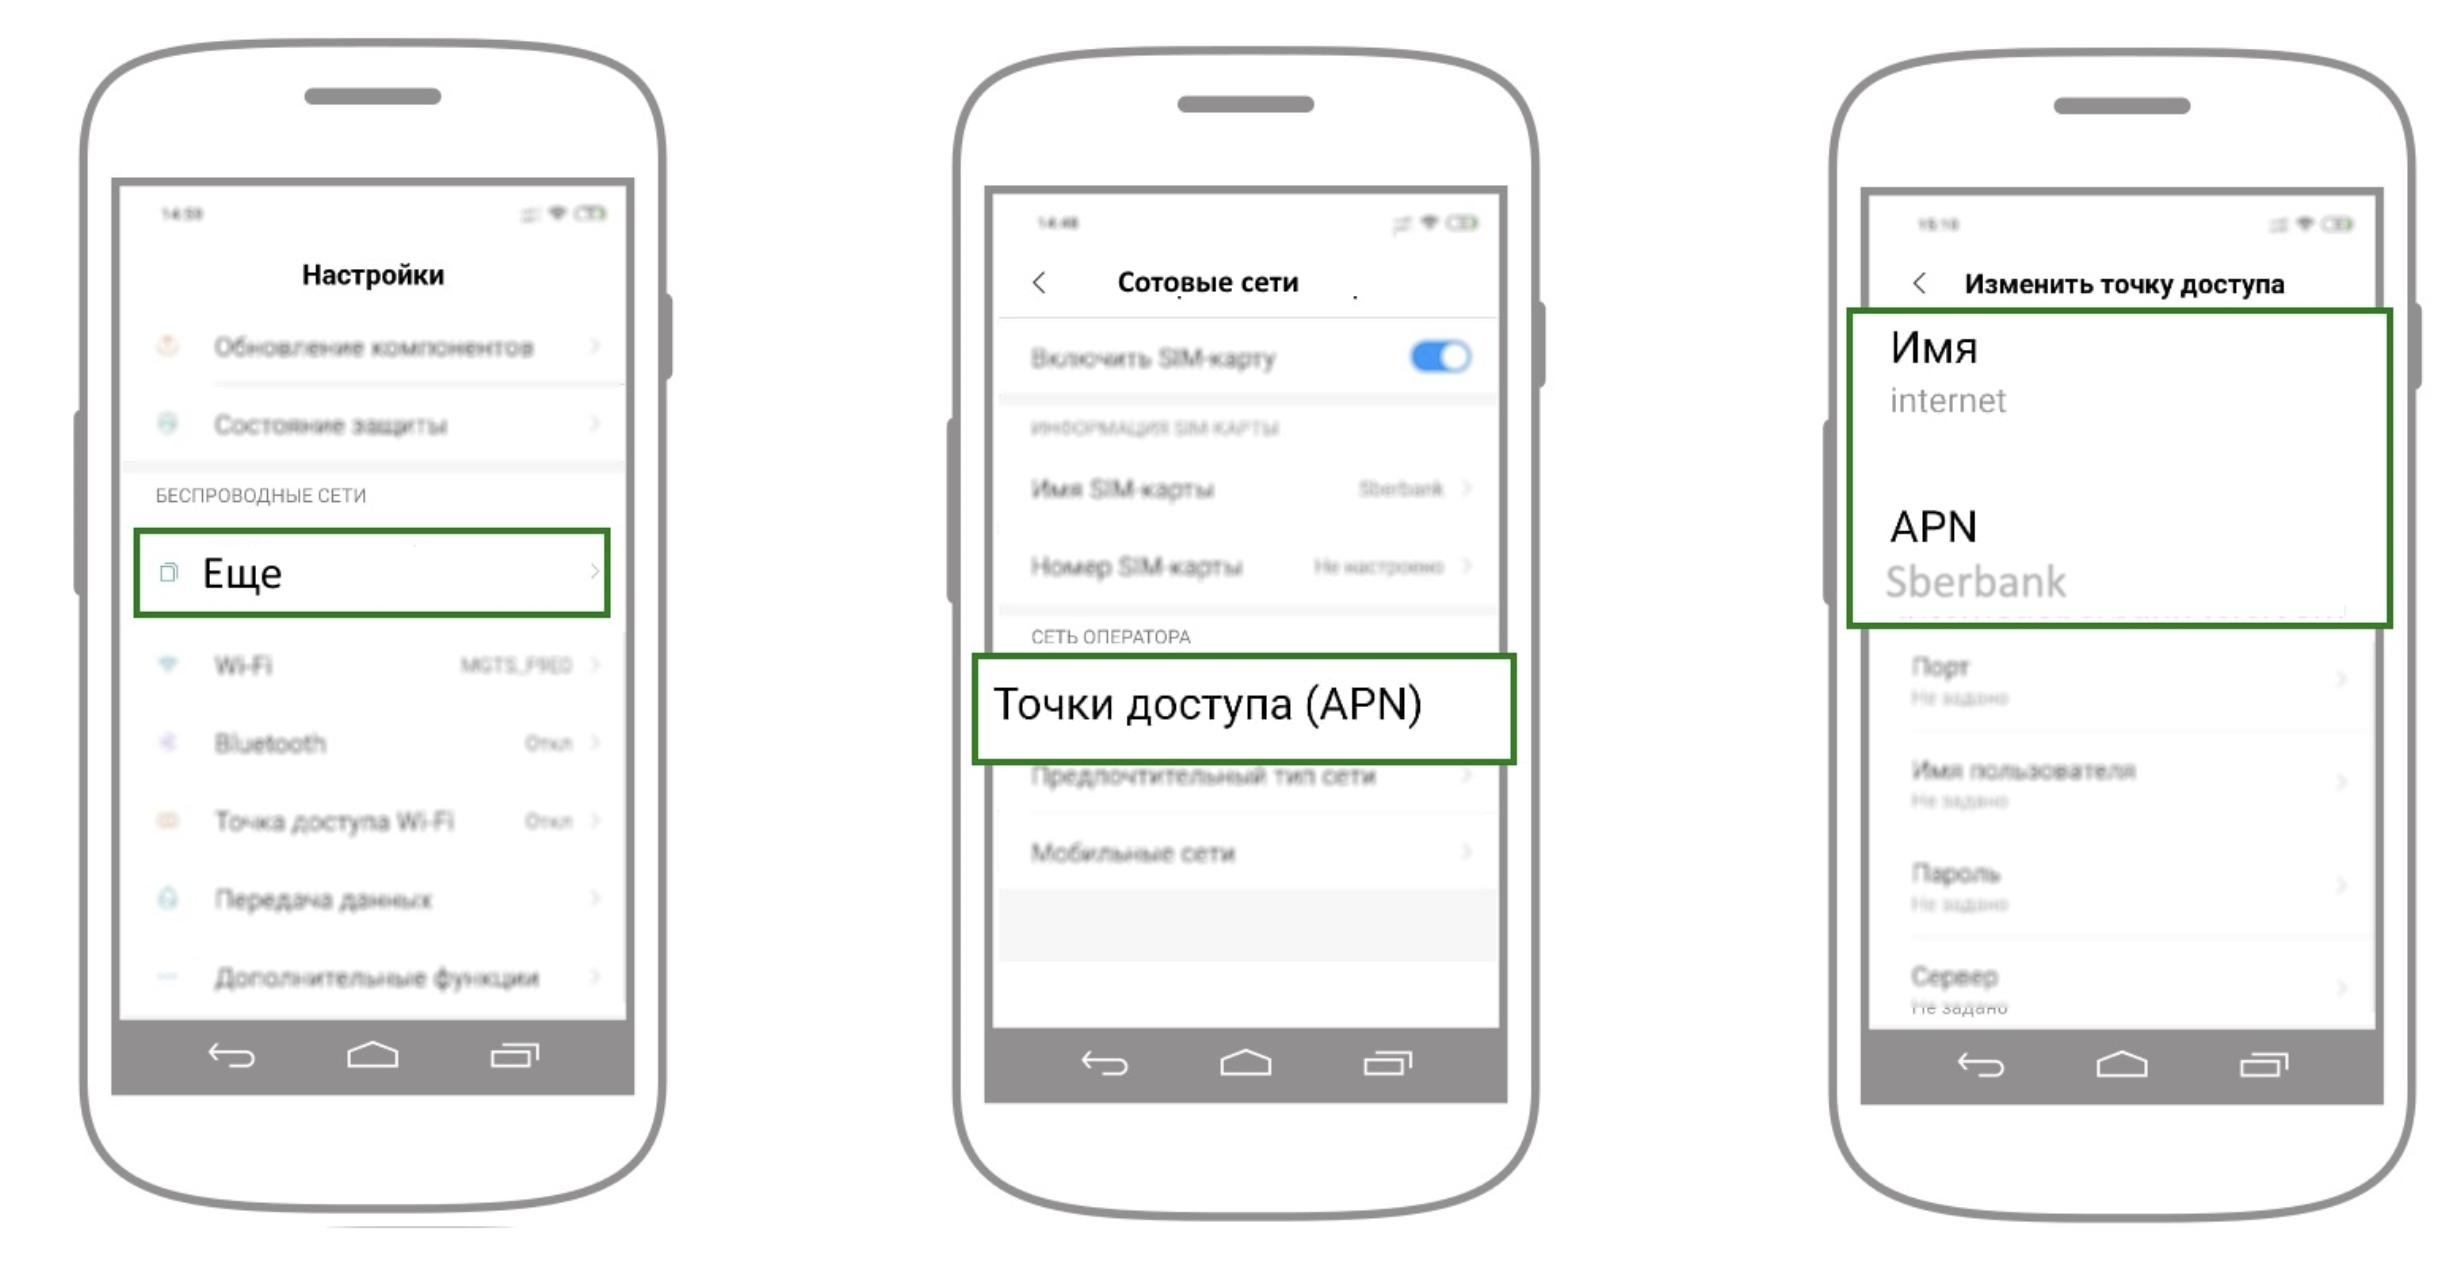 как подключить интернет на телефон сбермобайл ios androind